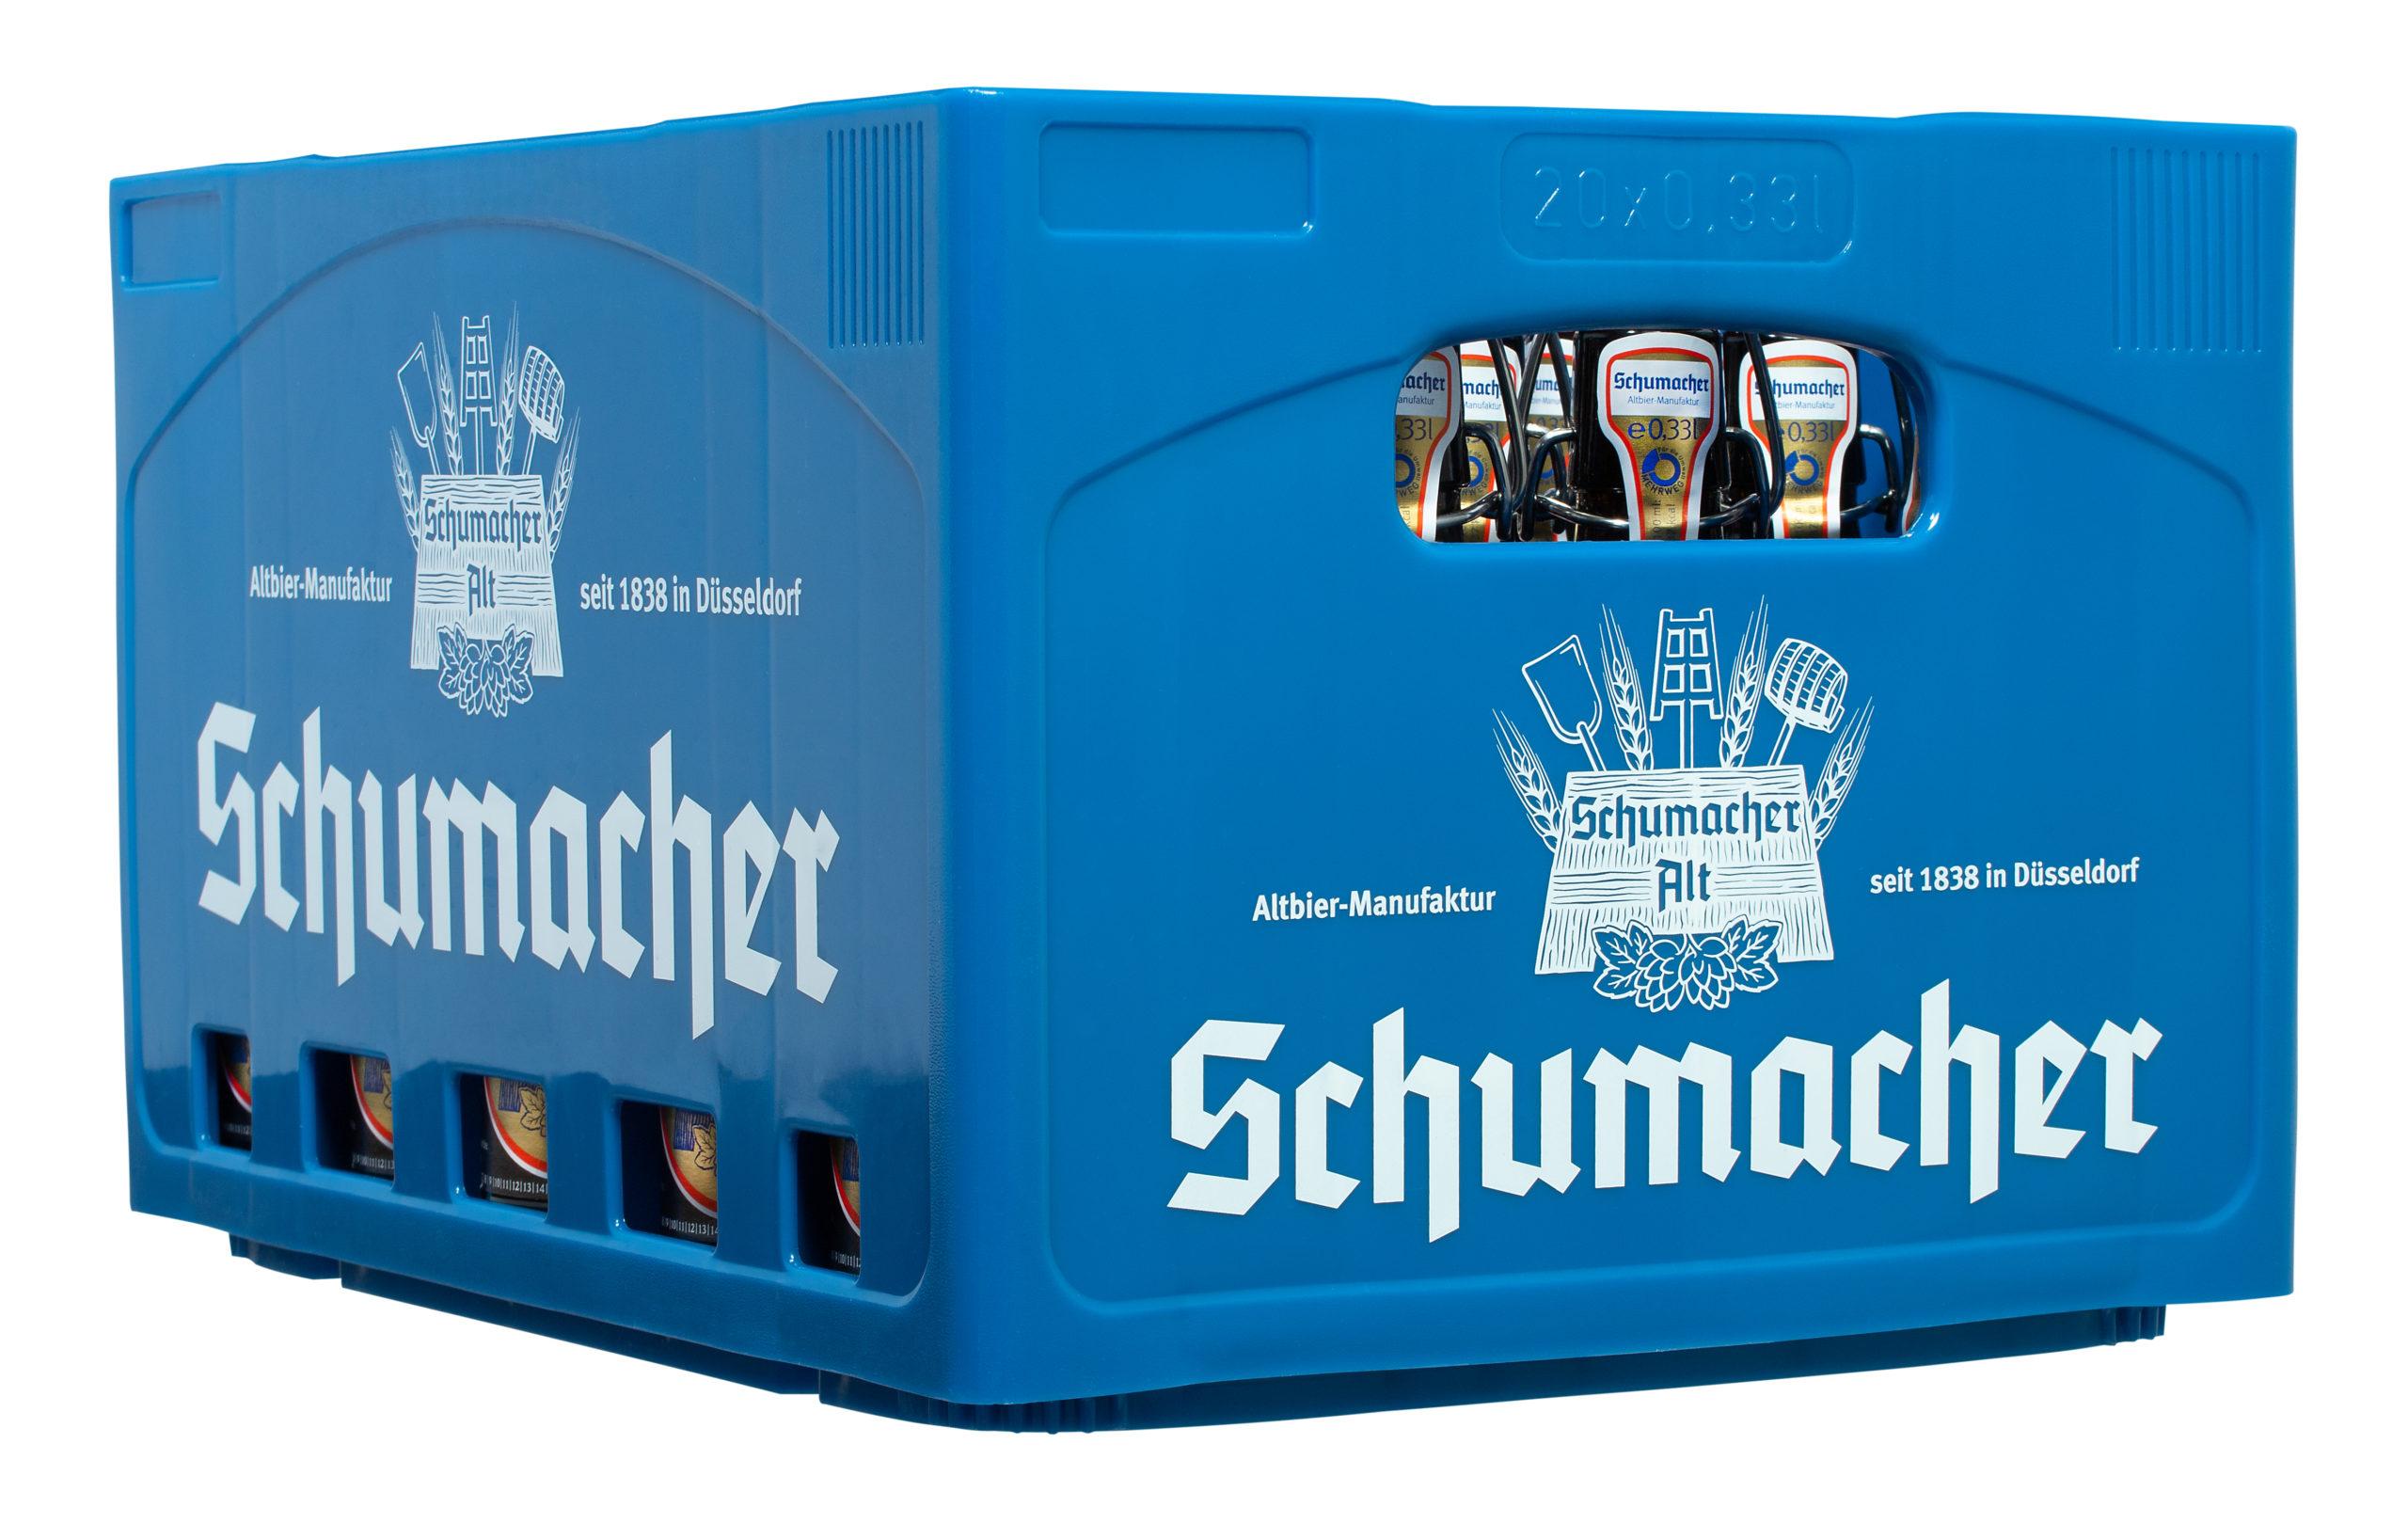 Schumacher Alt 20x0,33l Mehrweg Glas